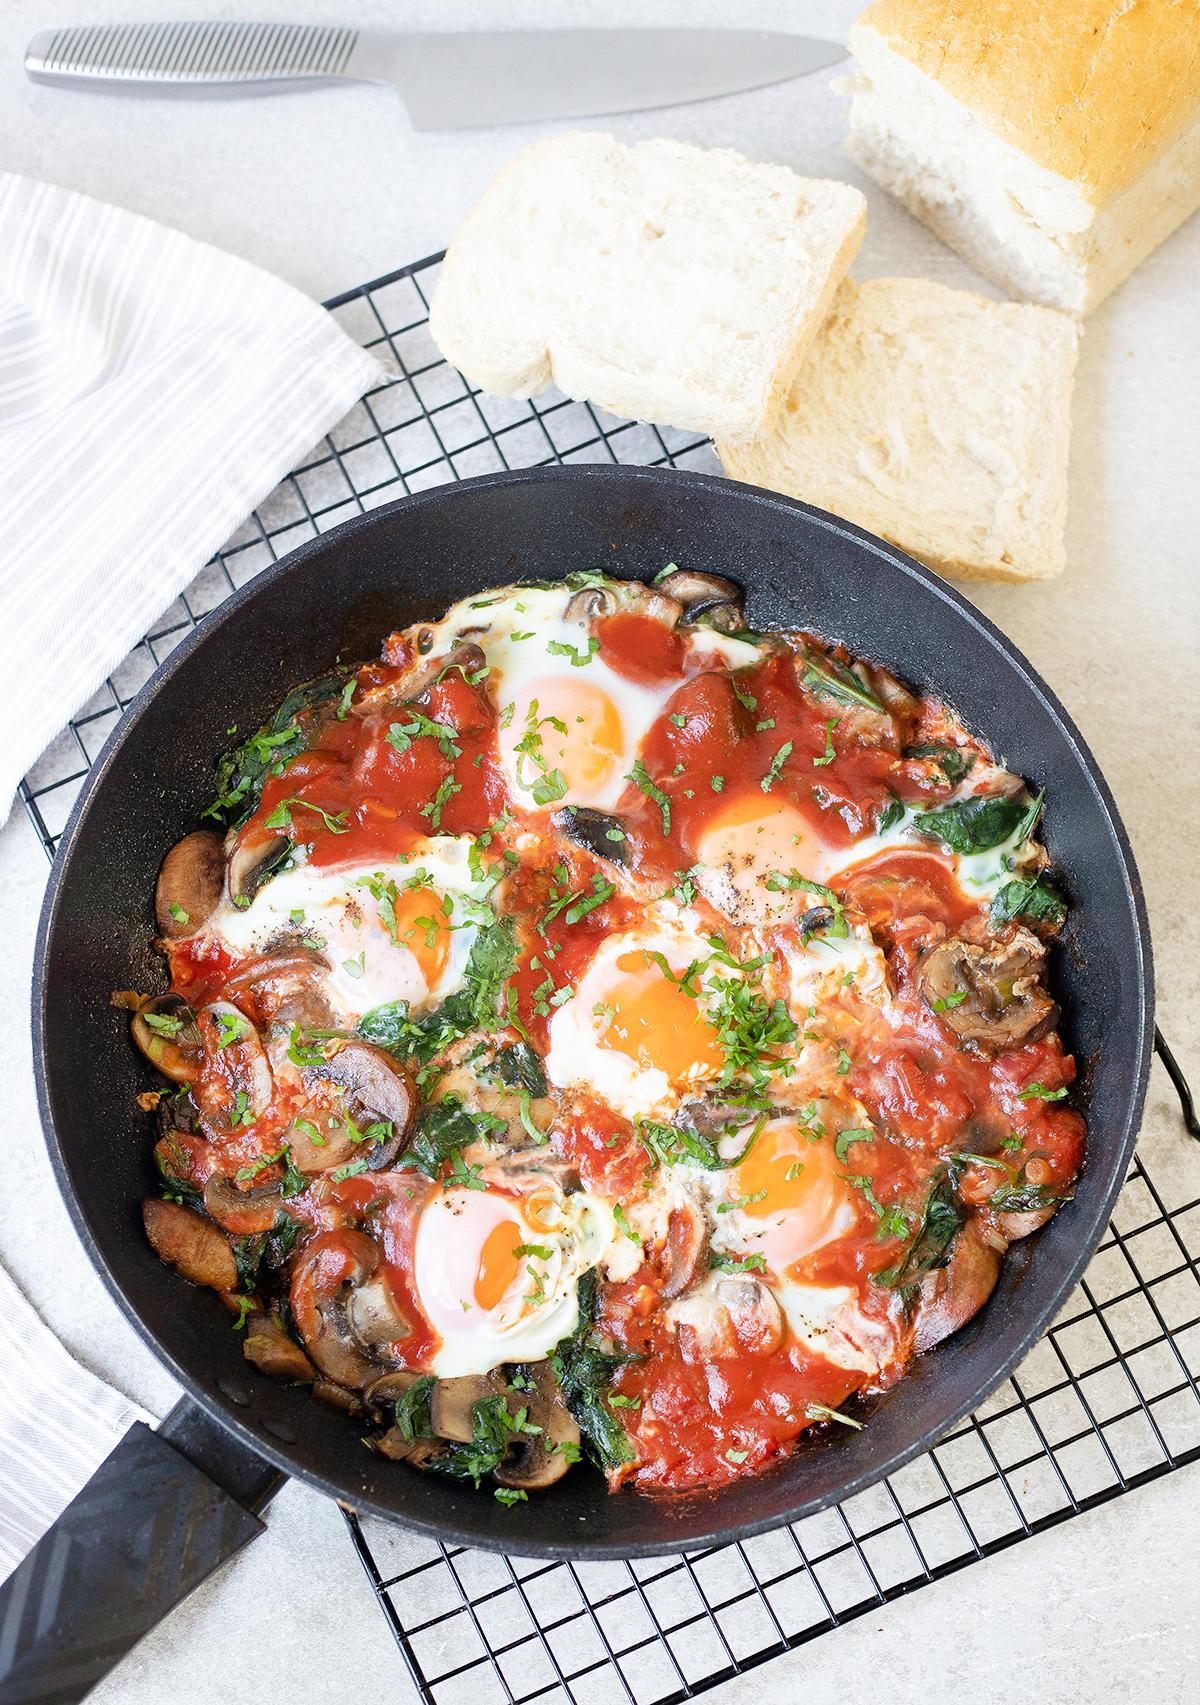 Spinach, Mushroom And Egg Breakfast Skillet